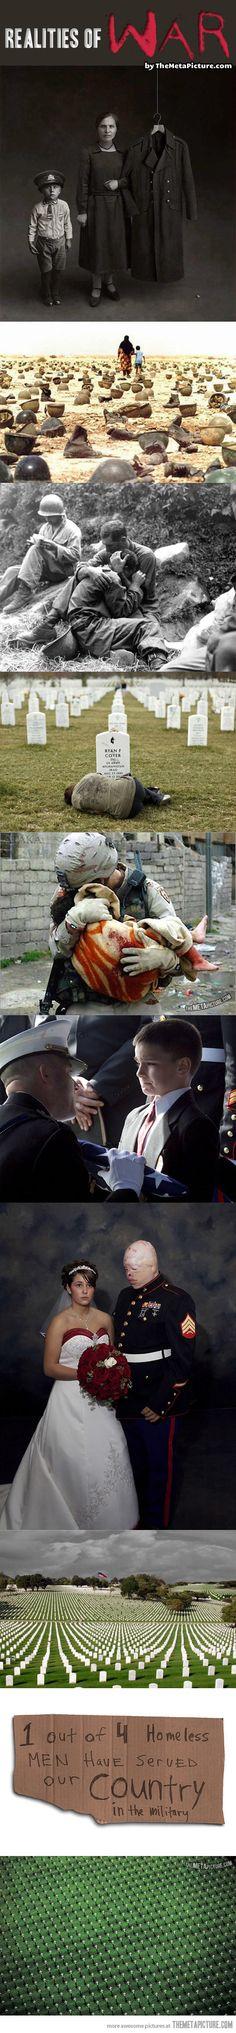 Realities of war…